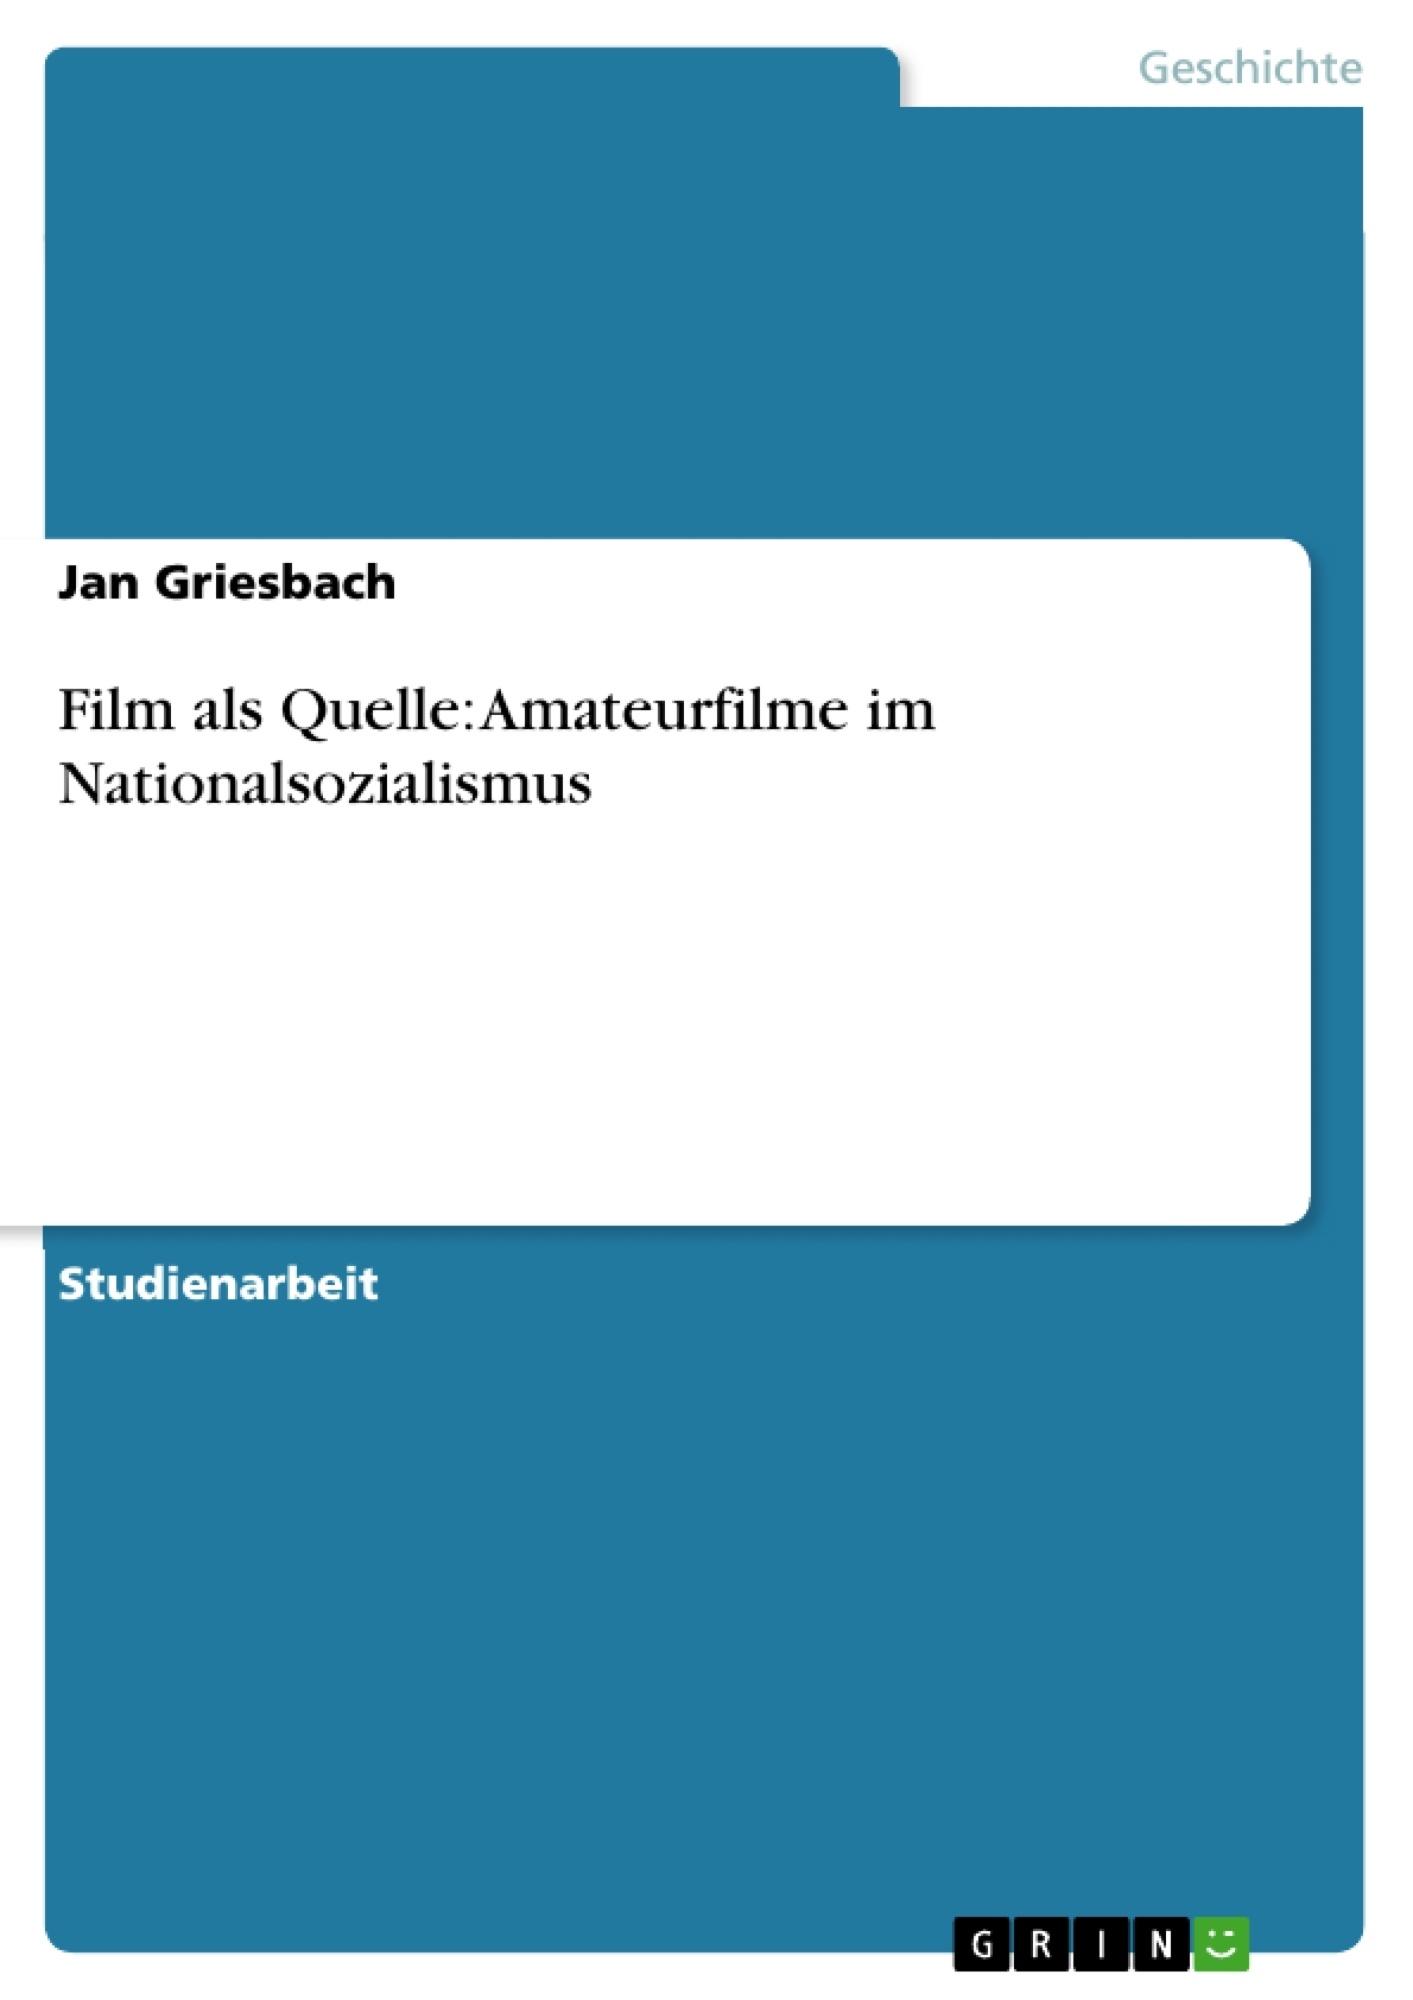 Titel: Film als Quelle: Amateurfilme im Nationalsozialismus